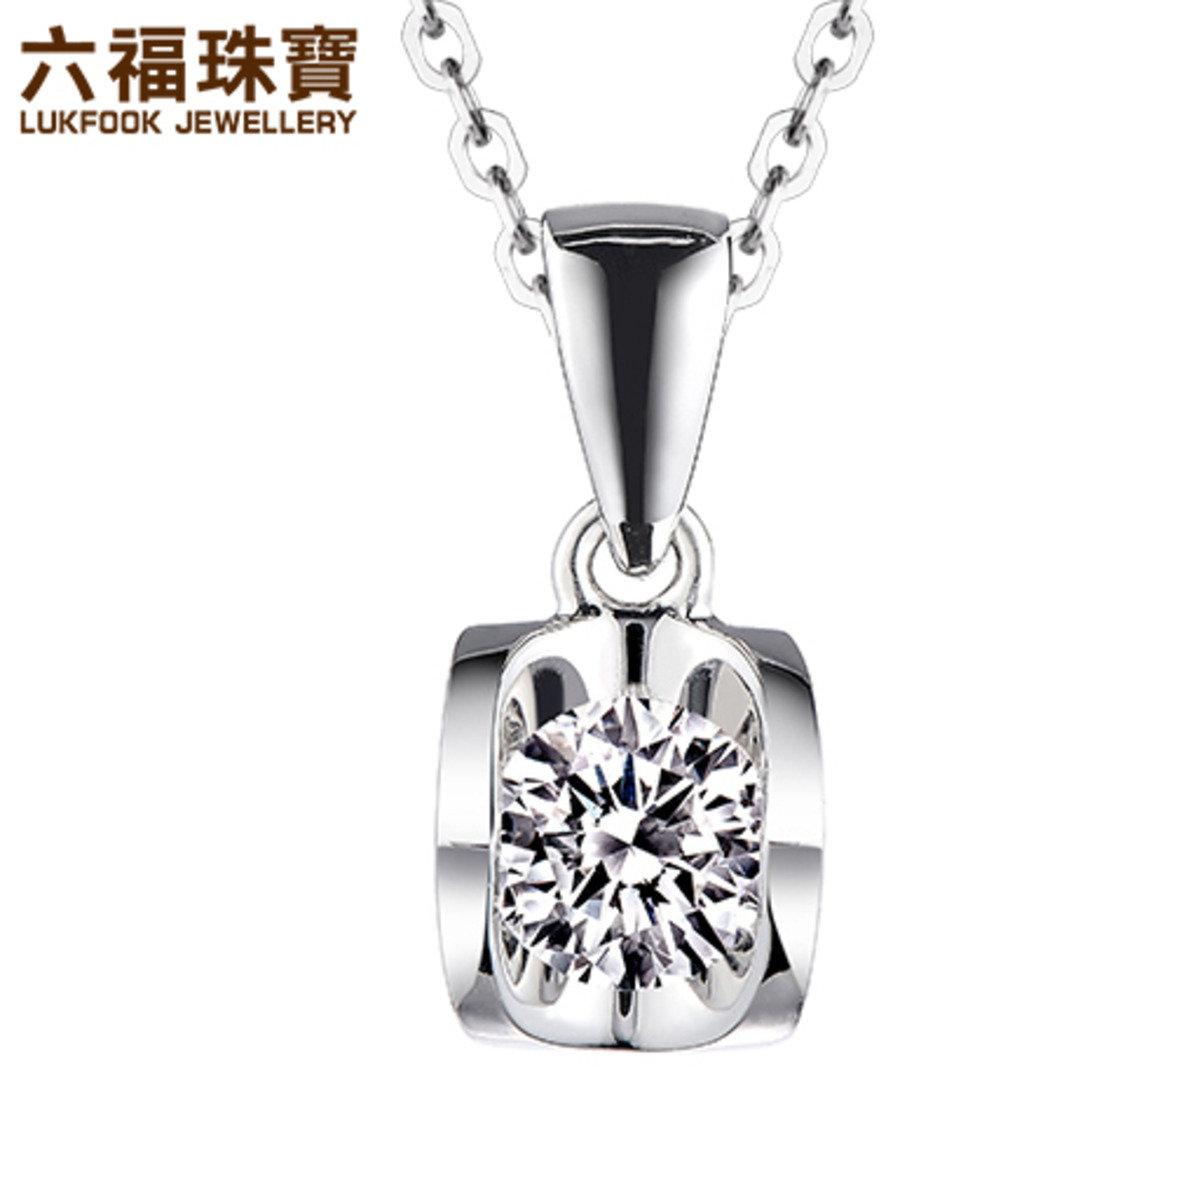 18K/750金(白色)鑲單鑽石吊墜